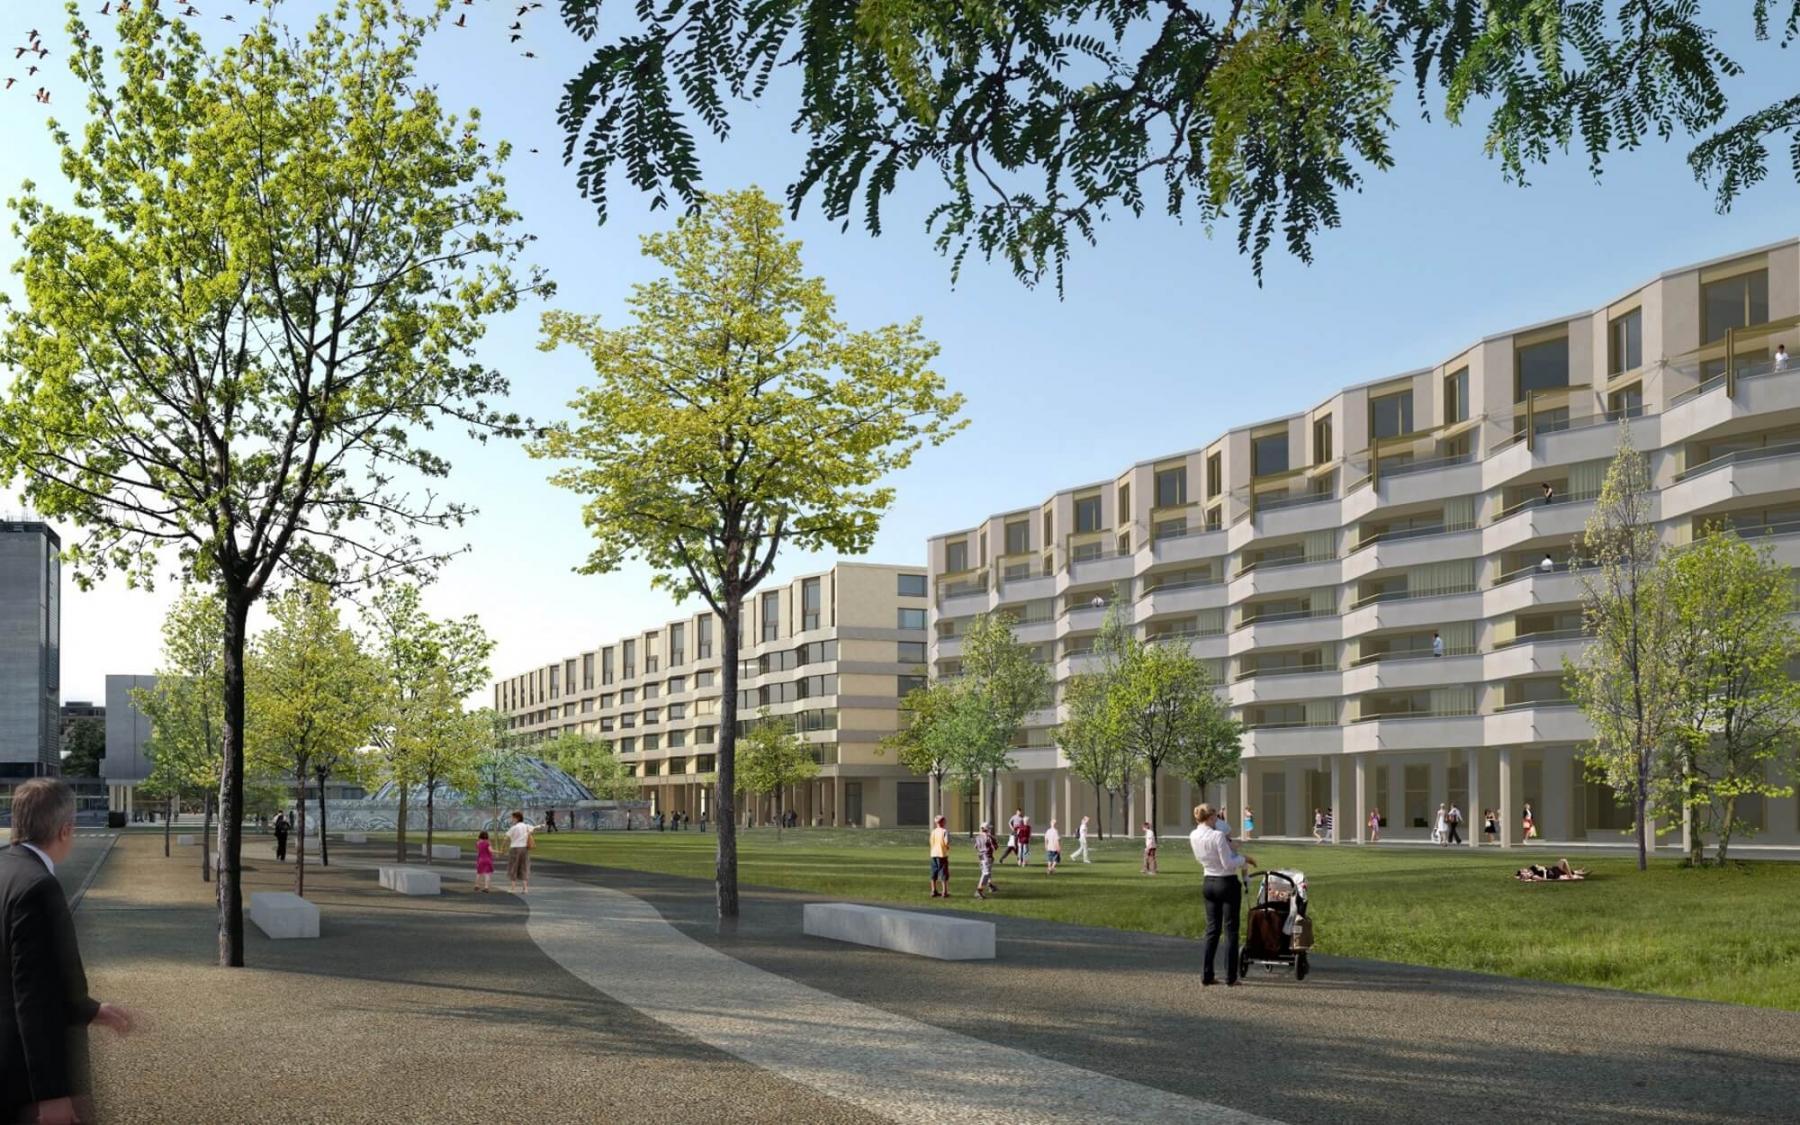 Esplanade Nord Gaswerkareal, Biel, Graber Pulver Architekten, Papillon